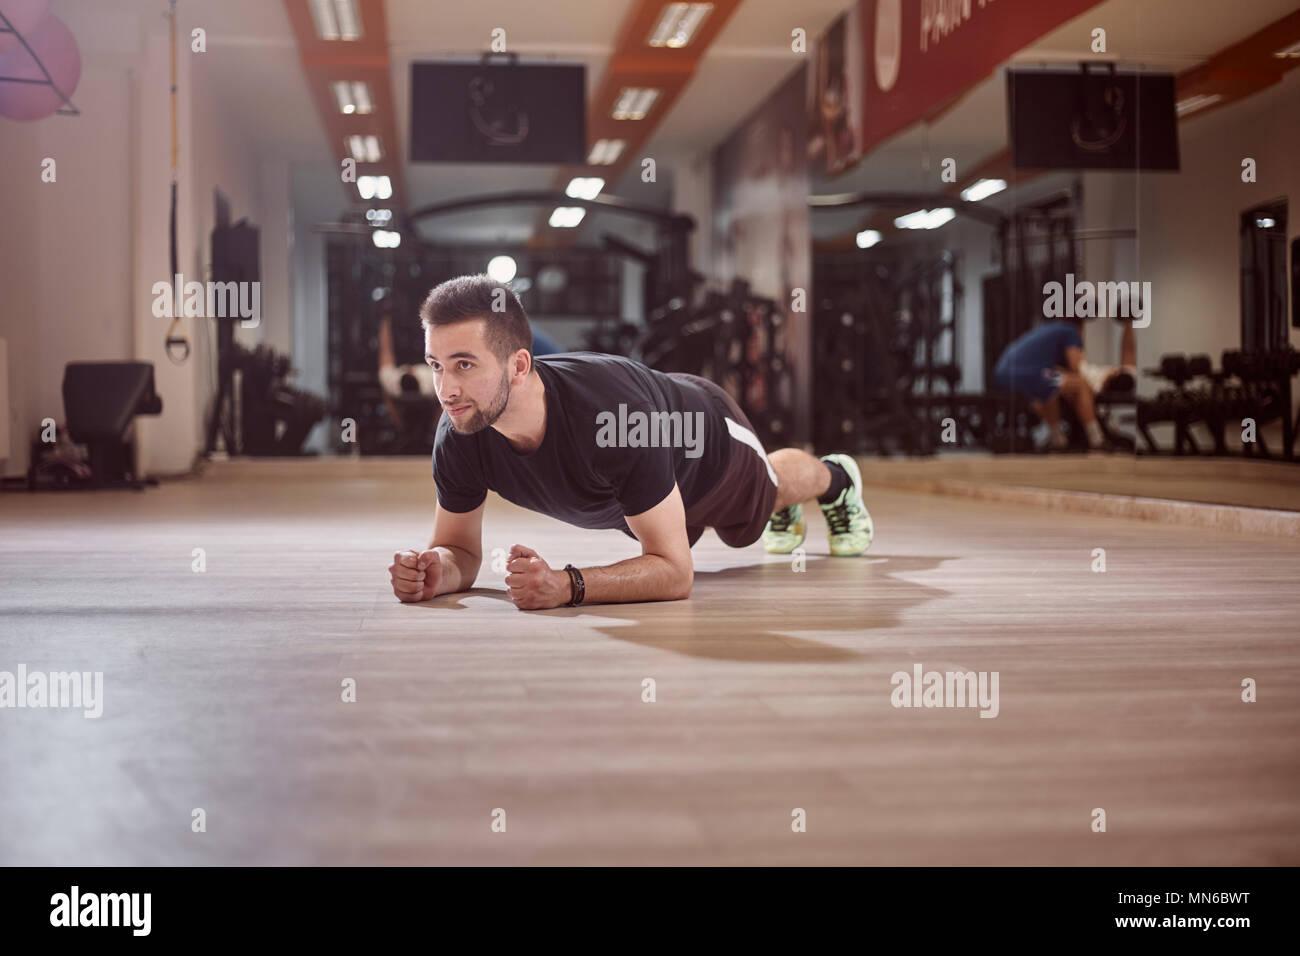 Un giovane uomo che guarda lontano, plank esercizio, palestra pavimento, irriconoscibile persone dietro (al di fuori della messa a fuoco). Immagini Stock